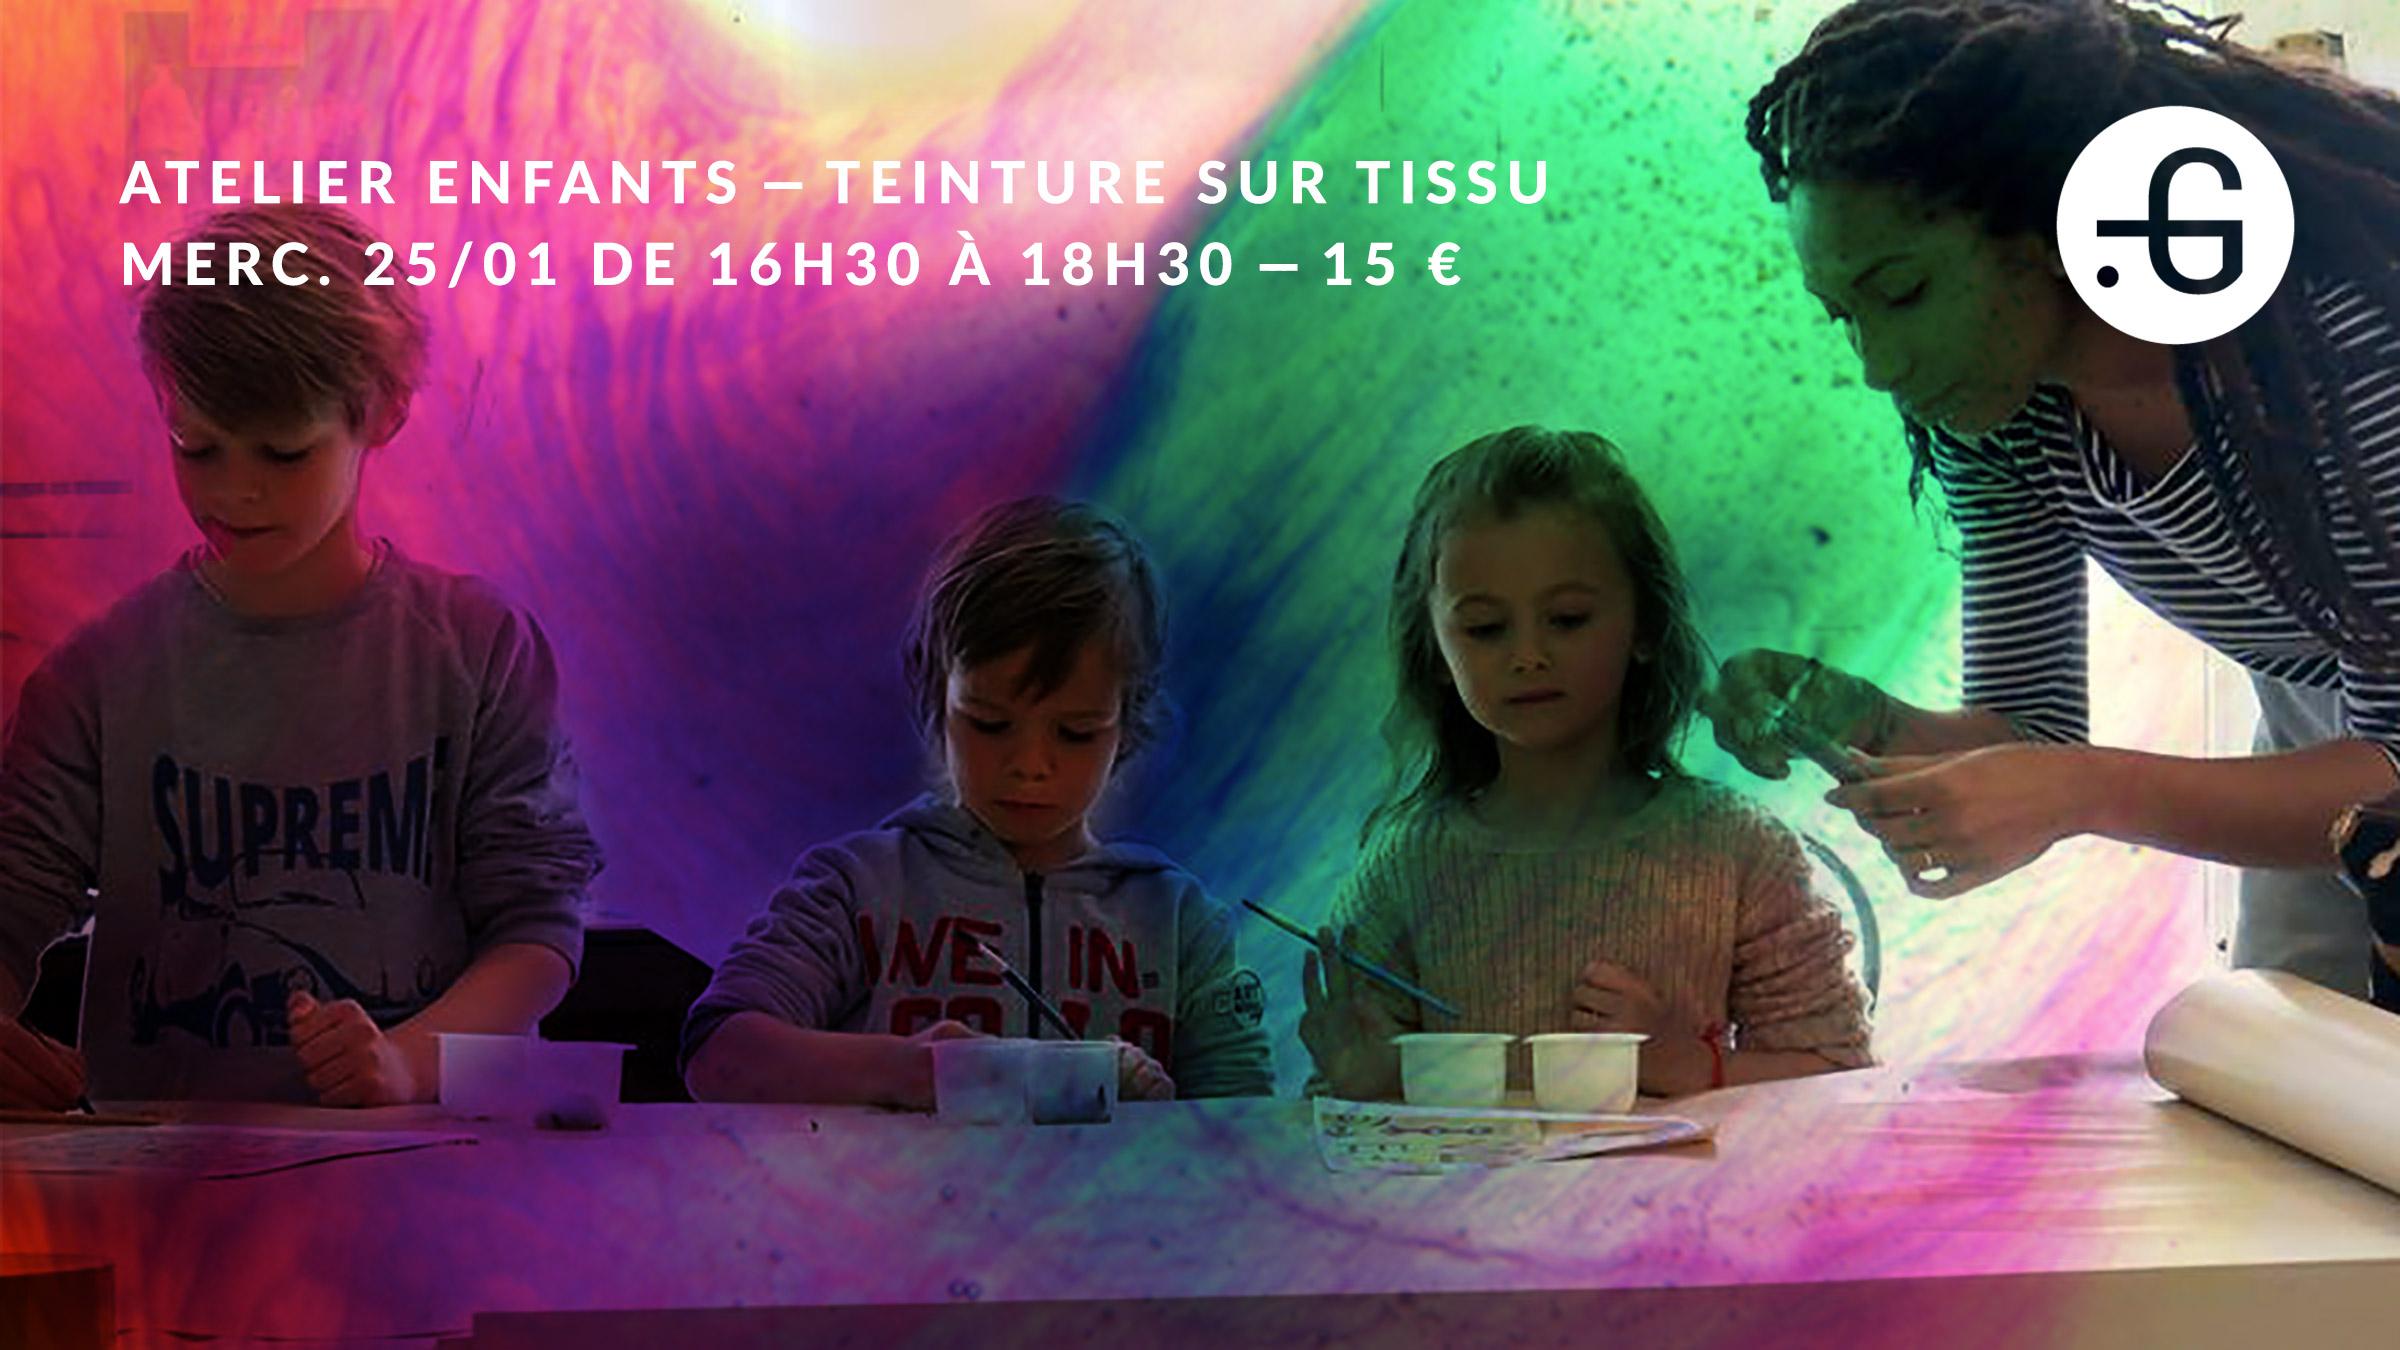 Taverne Gutenberg, Atelier enfants : teinture sur tissu